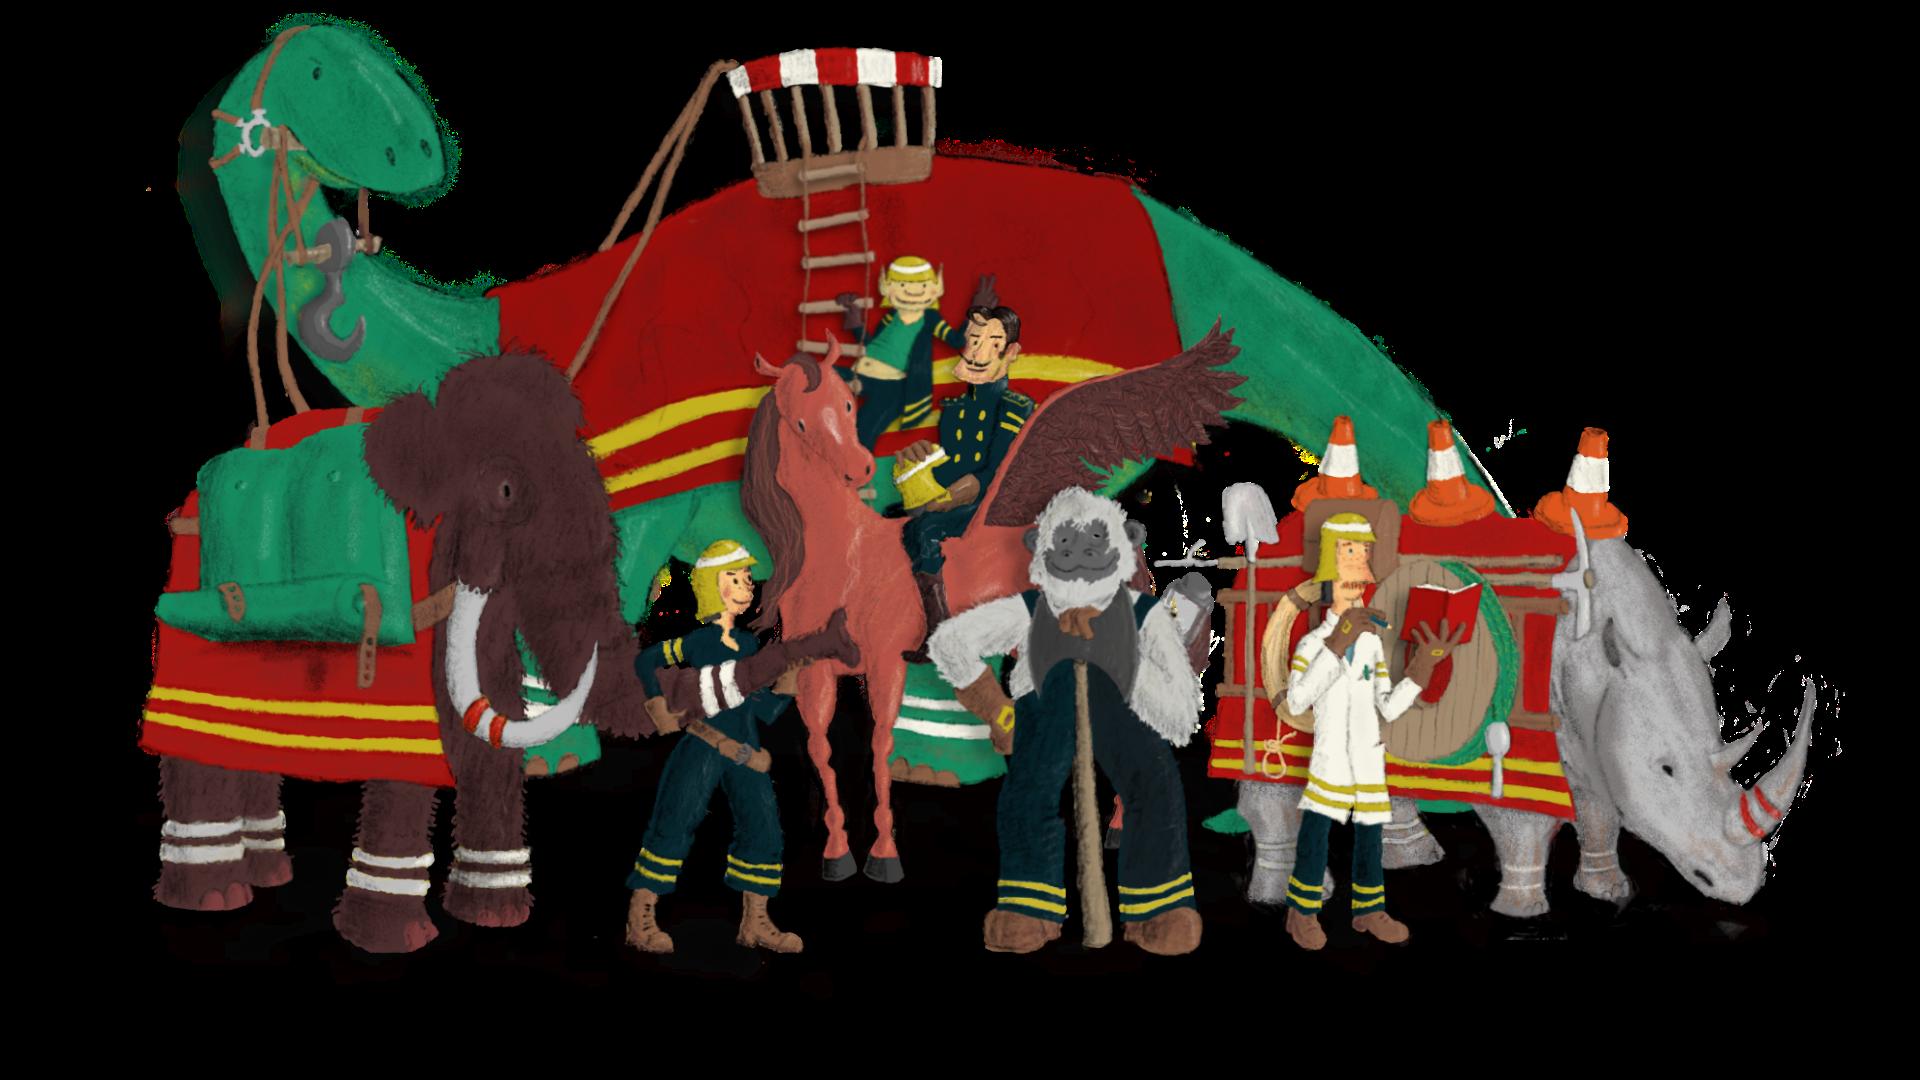 Feuerwache Märchenreich die Mannschaft